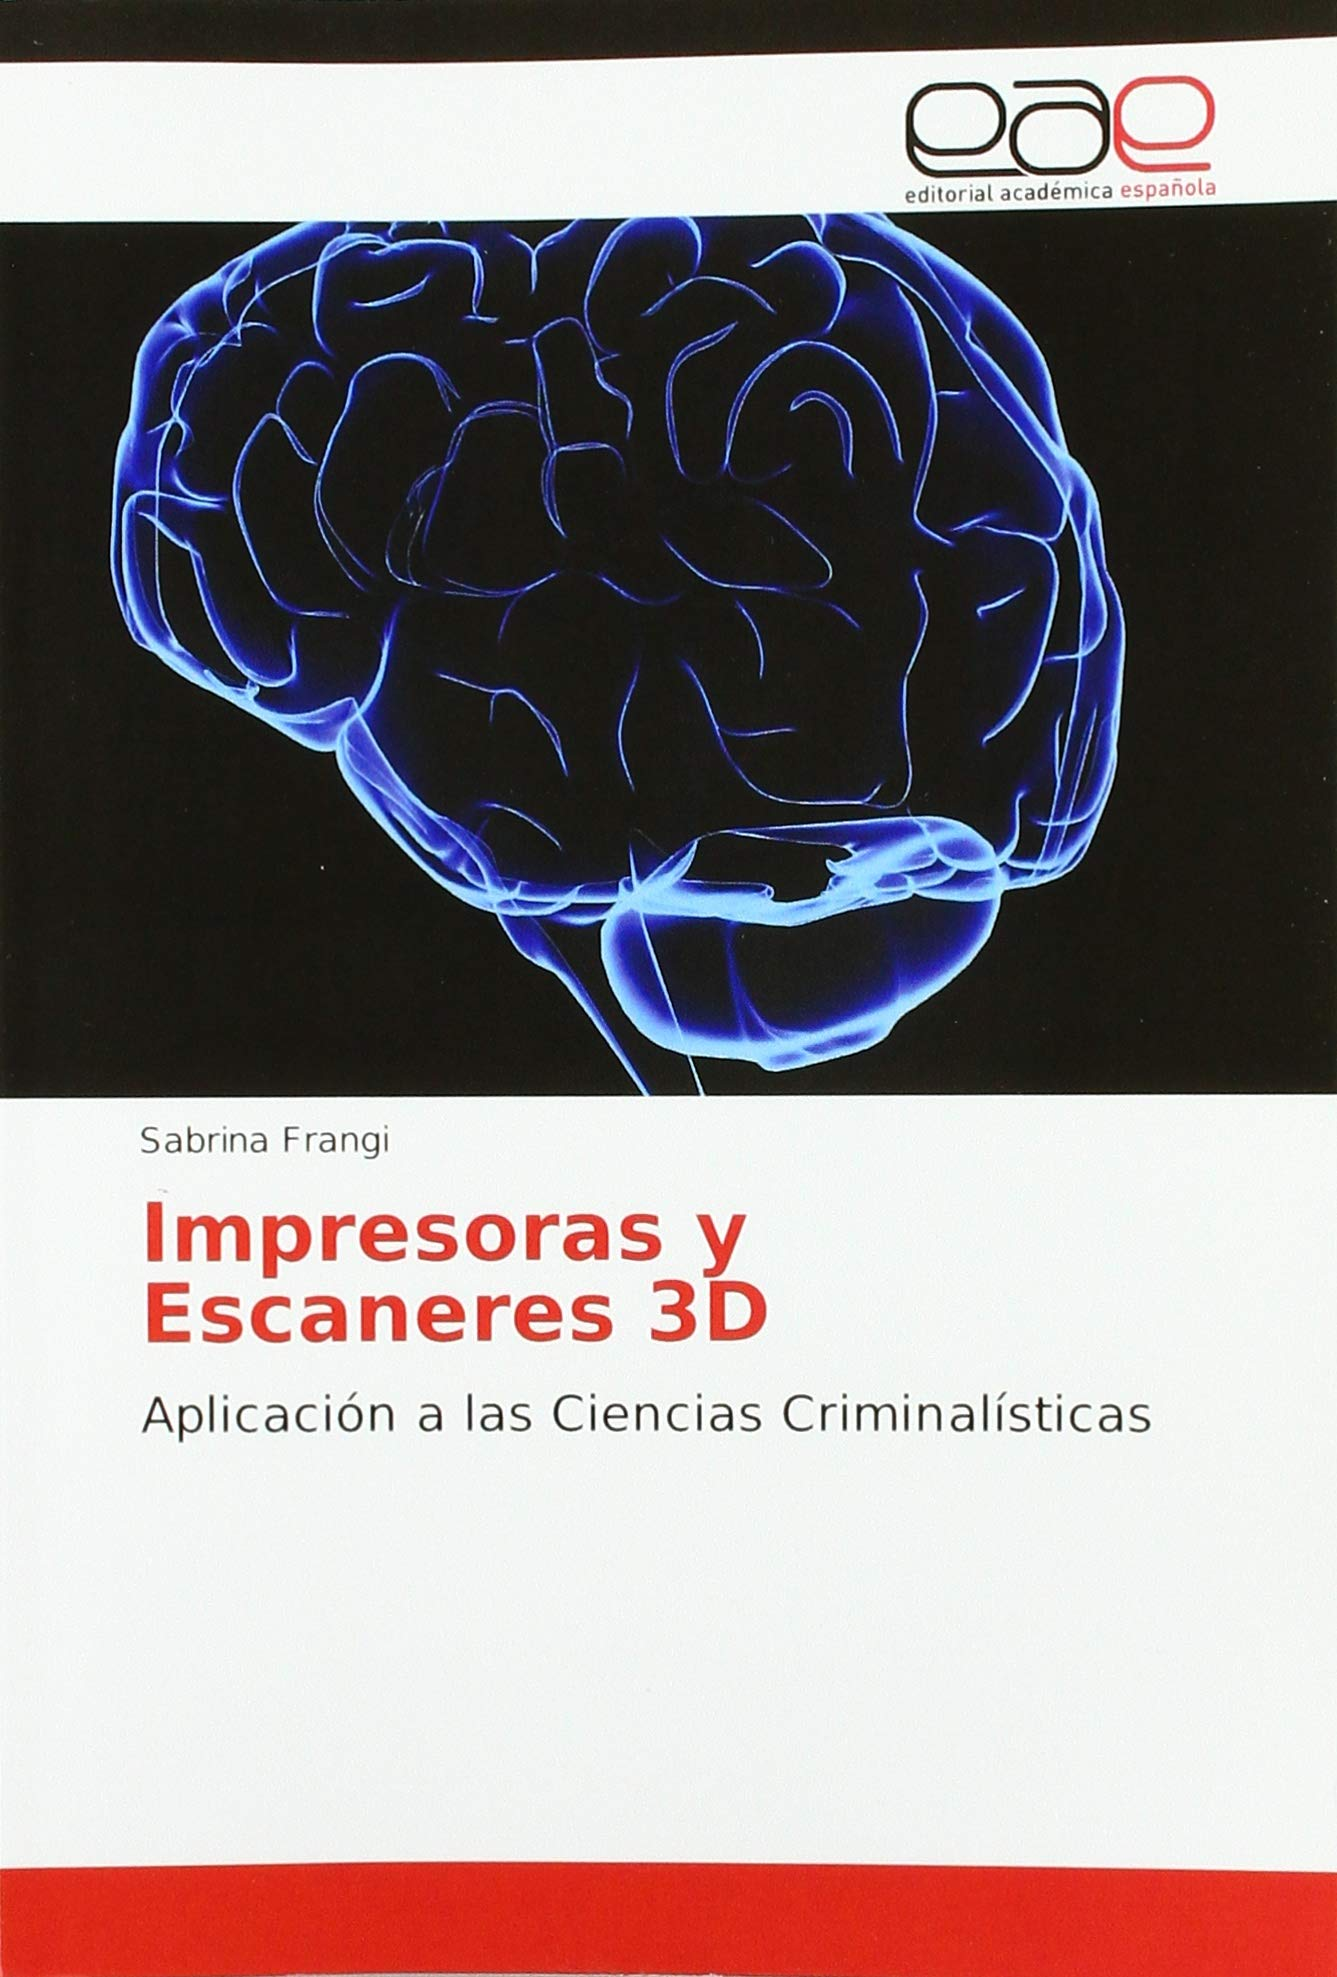 Impresoras y Escaneres 3D: Aplicación a las Ciencias ...